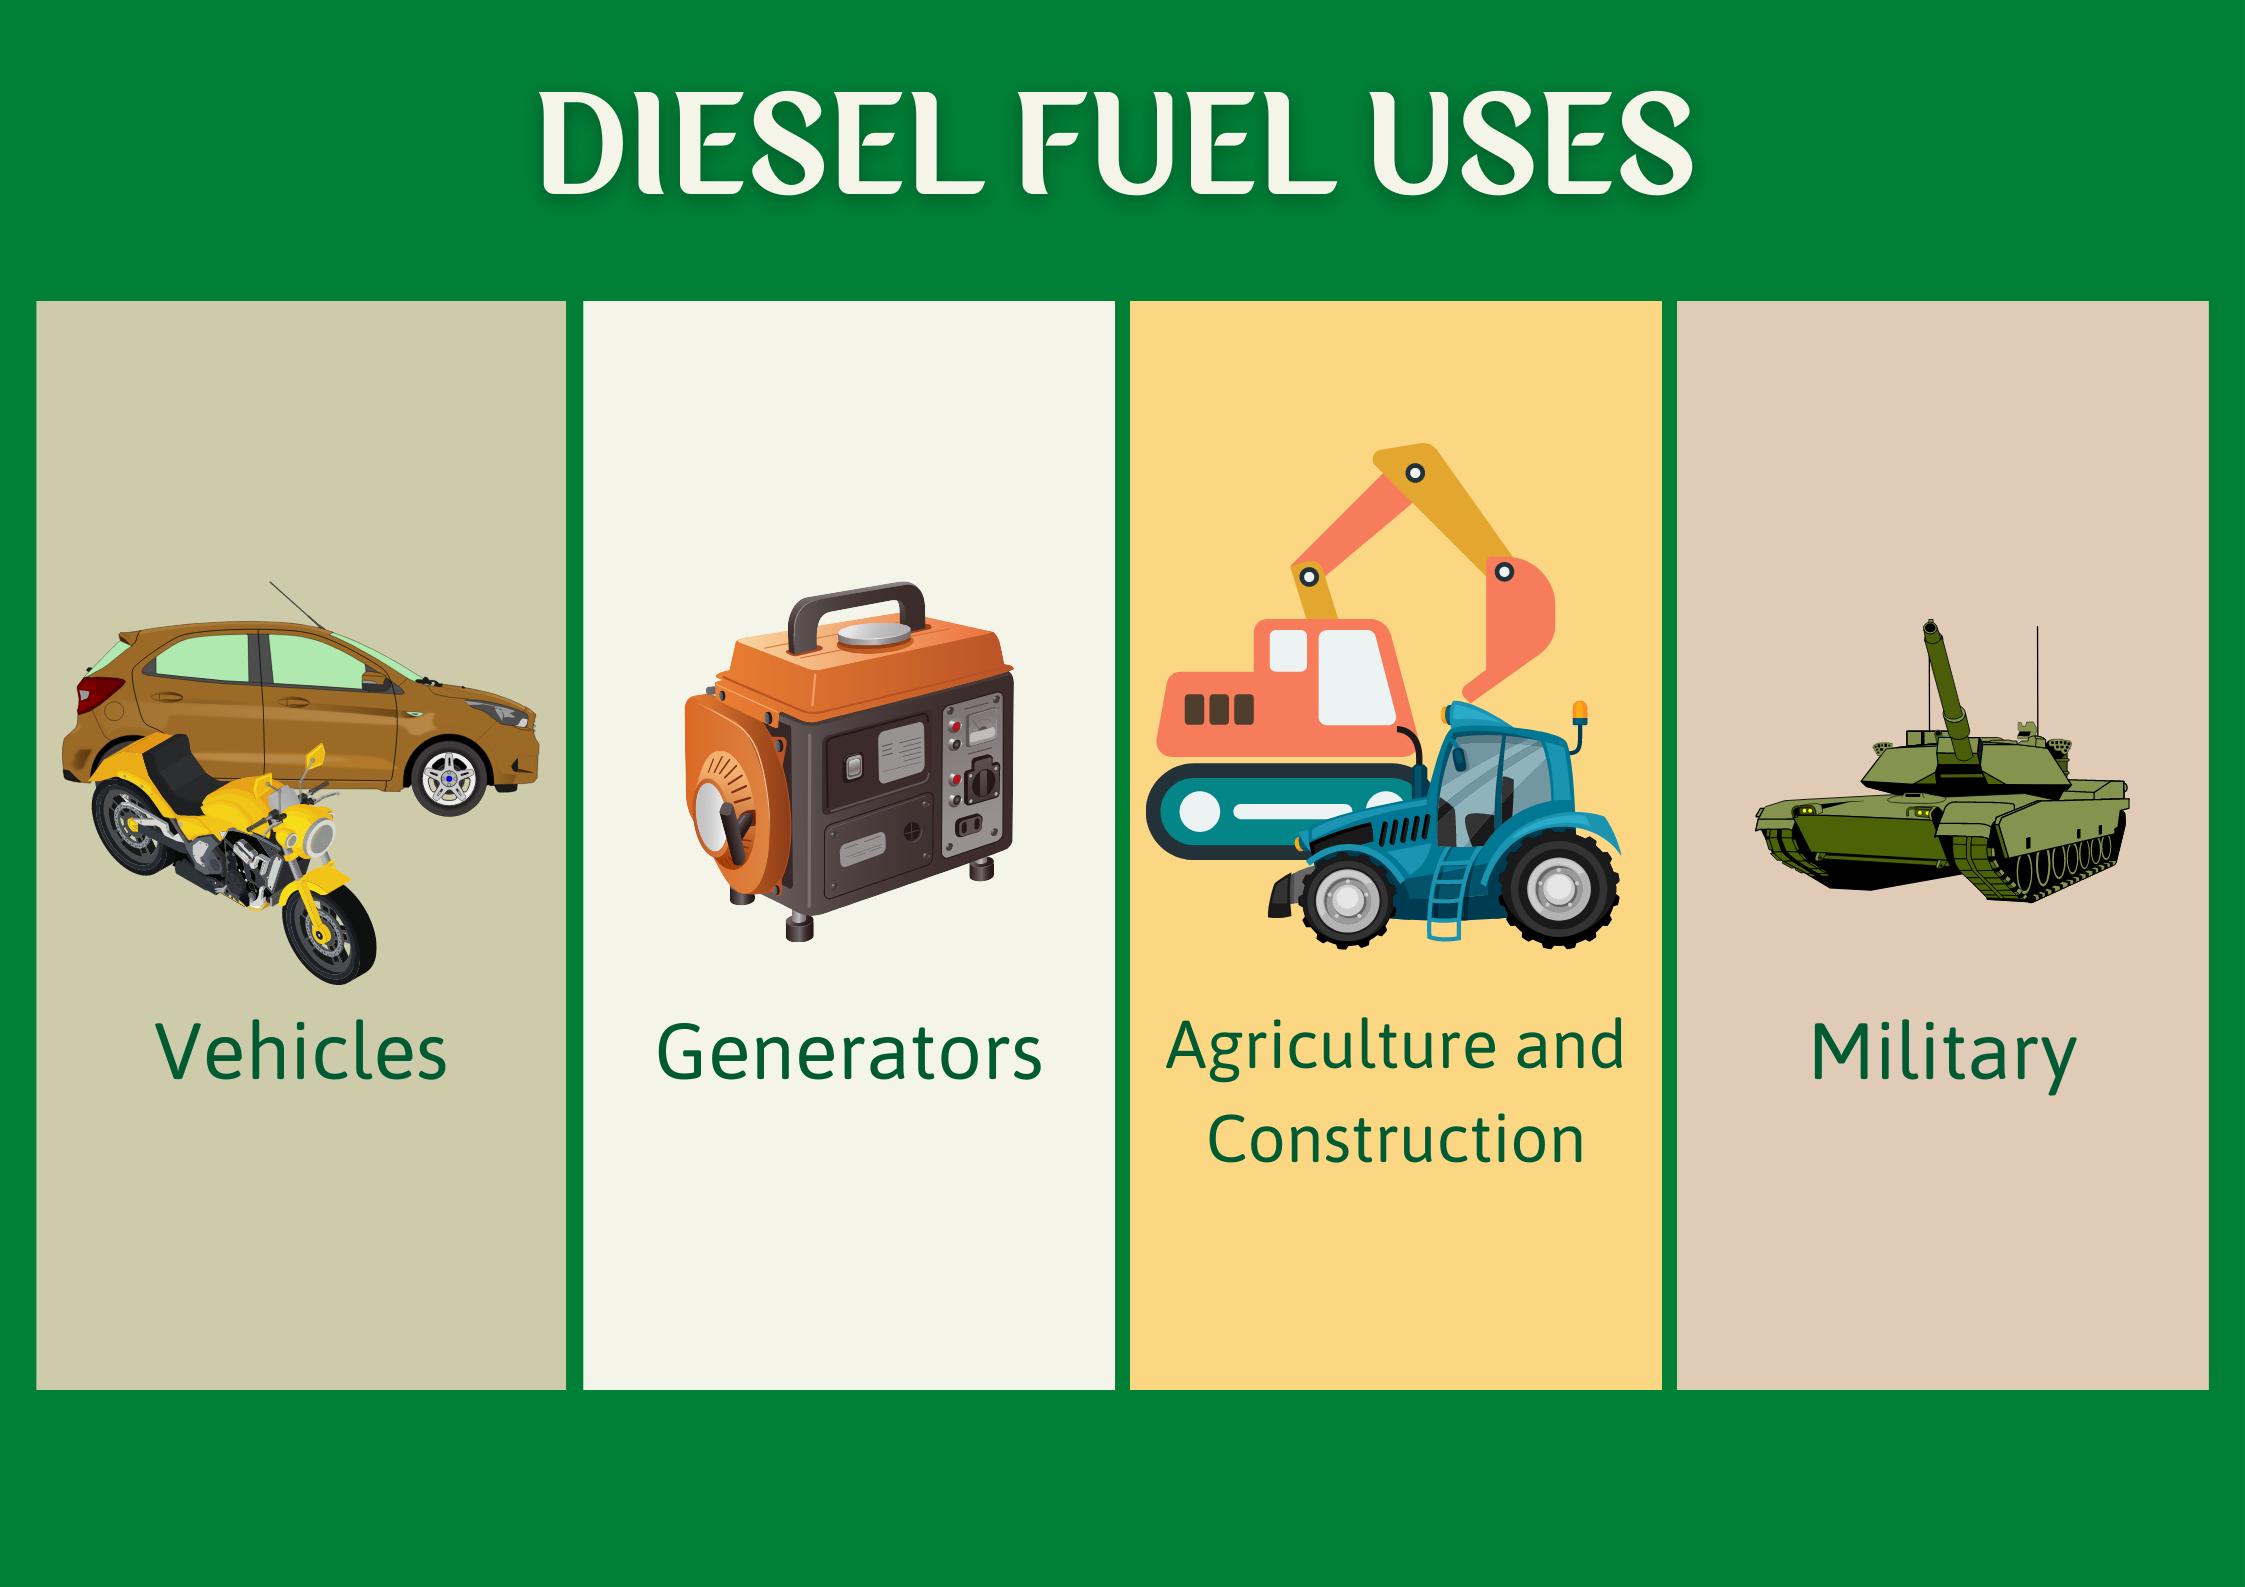 Diesel-Fuel-Uses